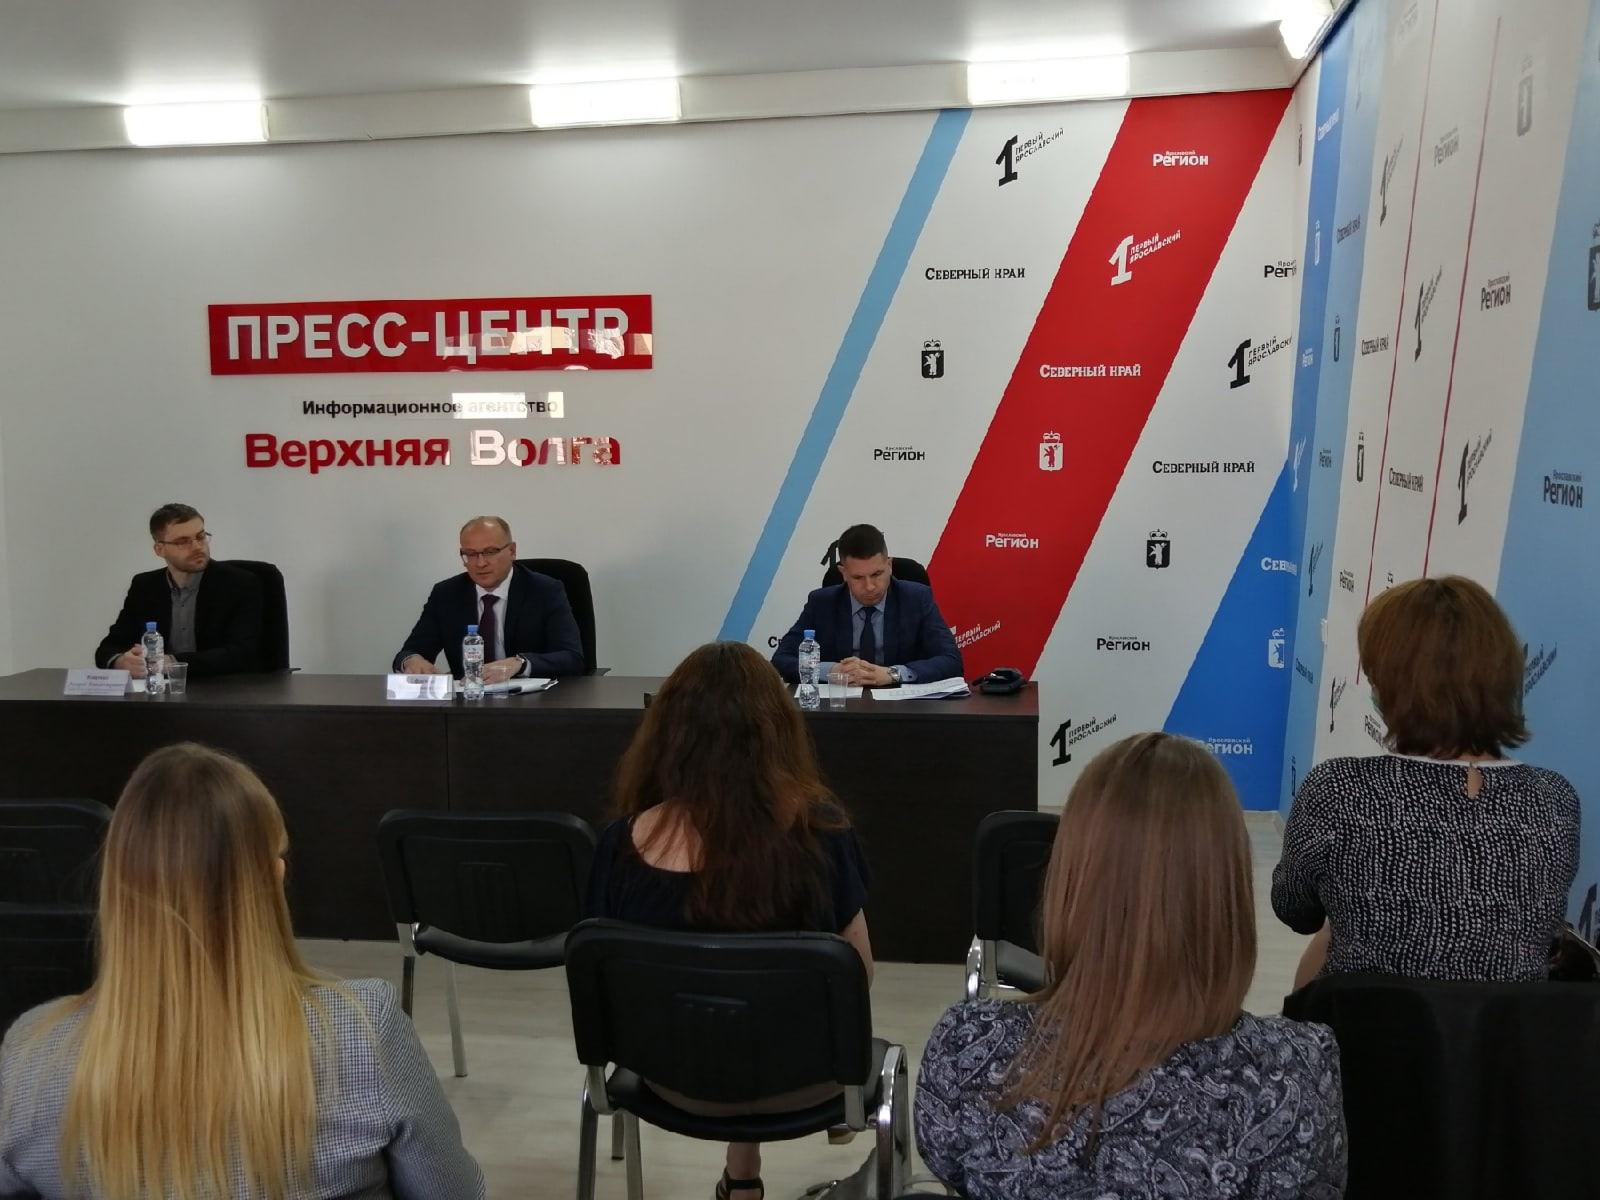 Количество денежных переводов без согласия клиентов выросло на треть: в Ярославле назвали главный способ борьбы с хищением средств со счетов